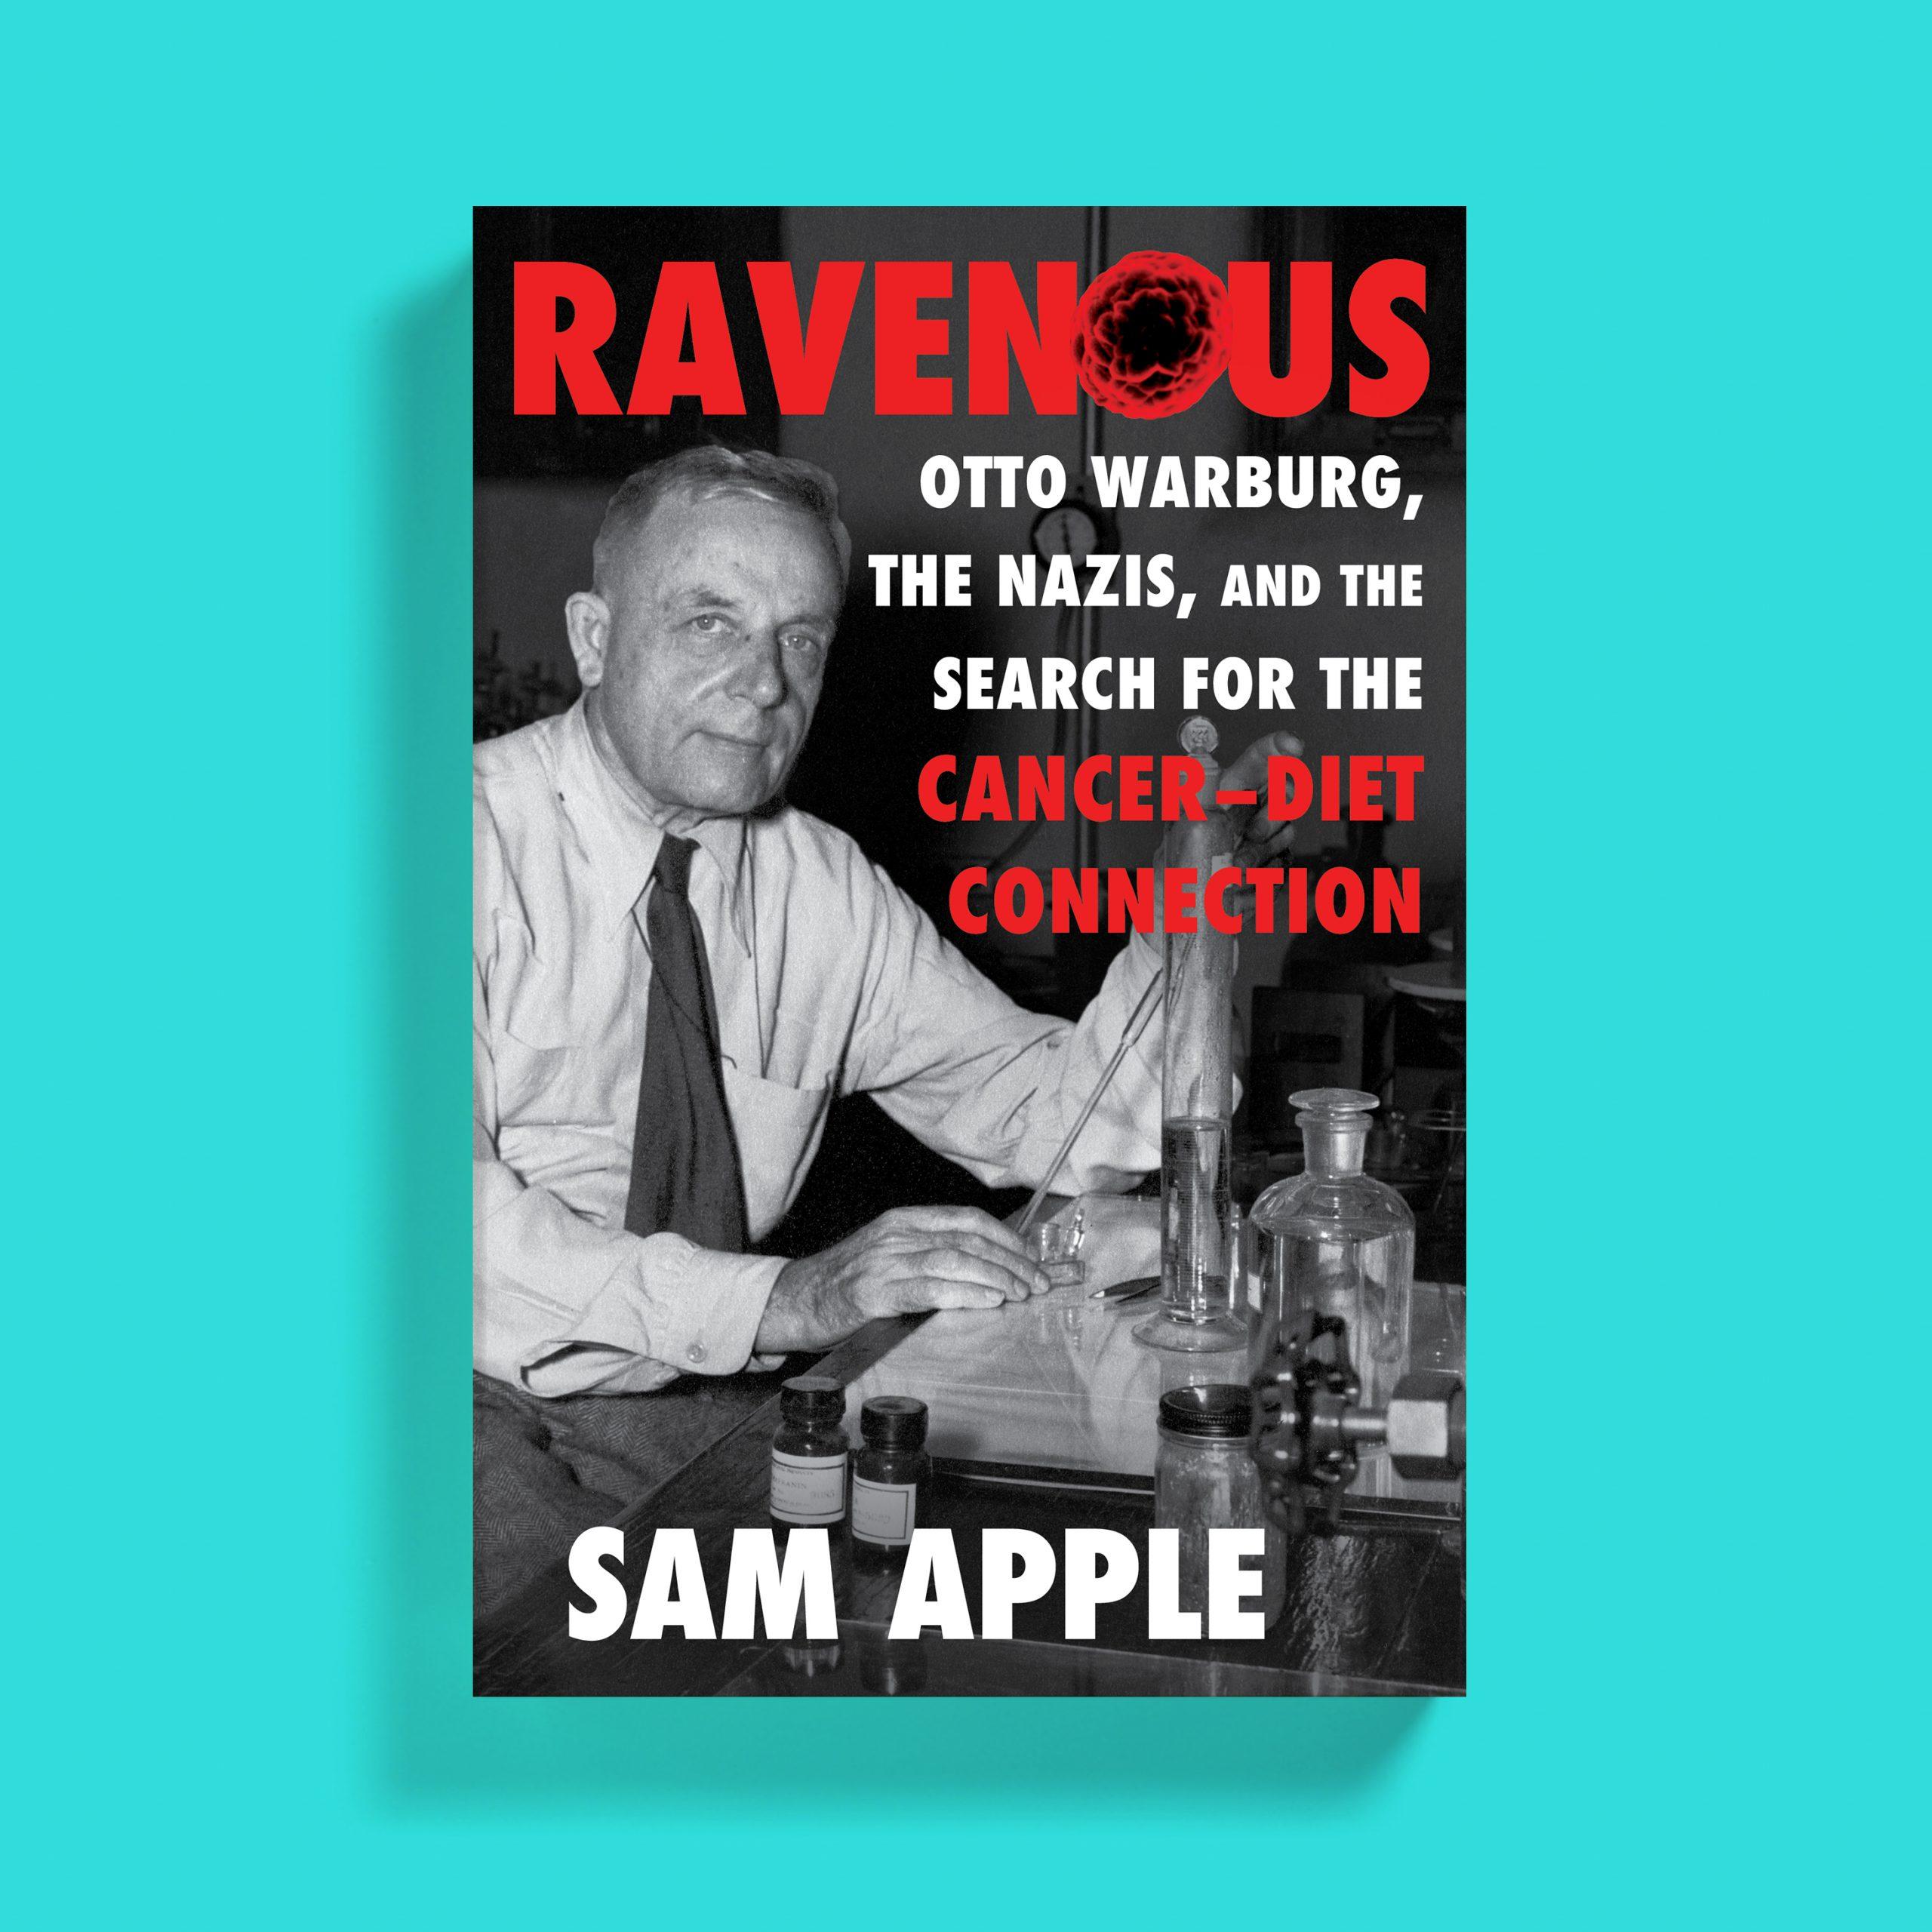 Ravenous-bookshot-blue